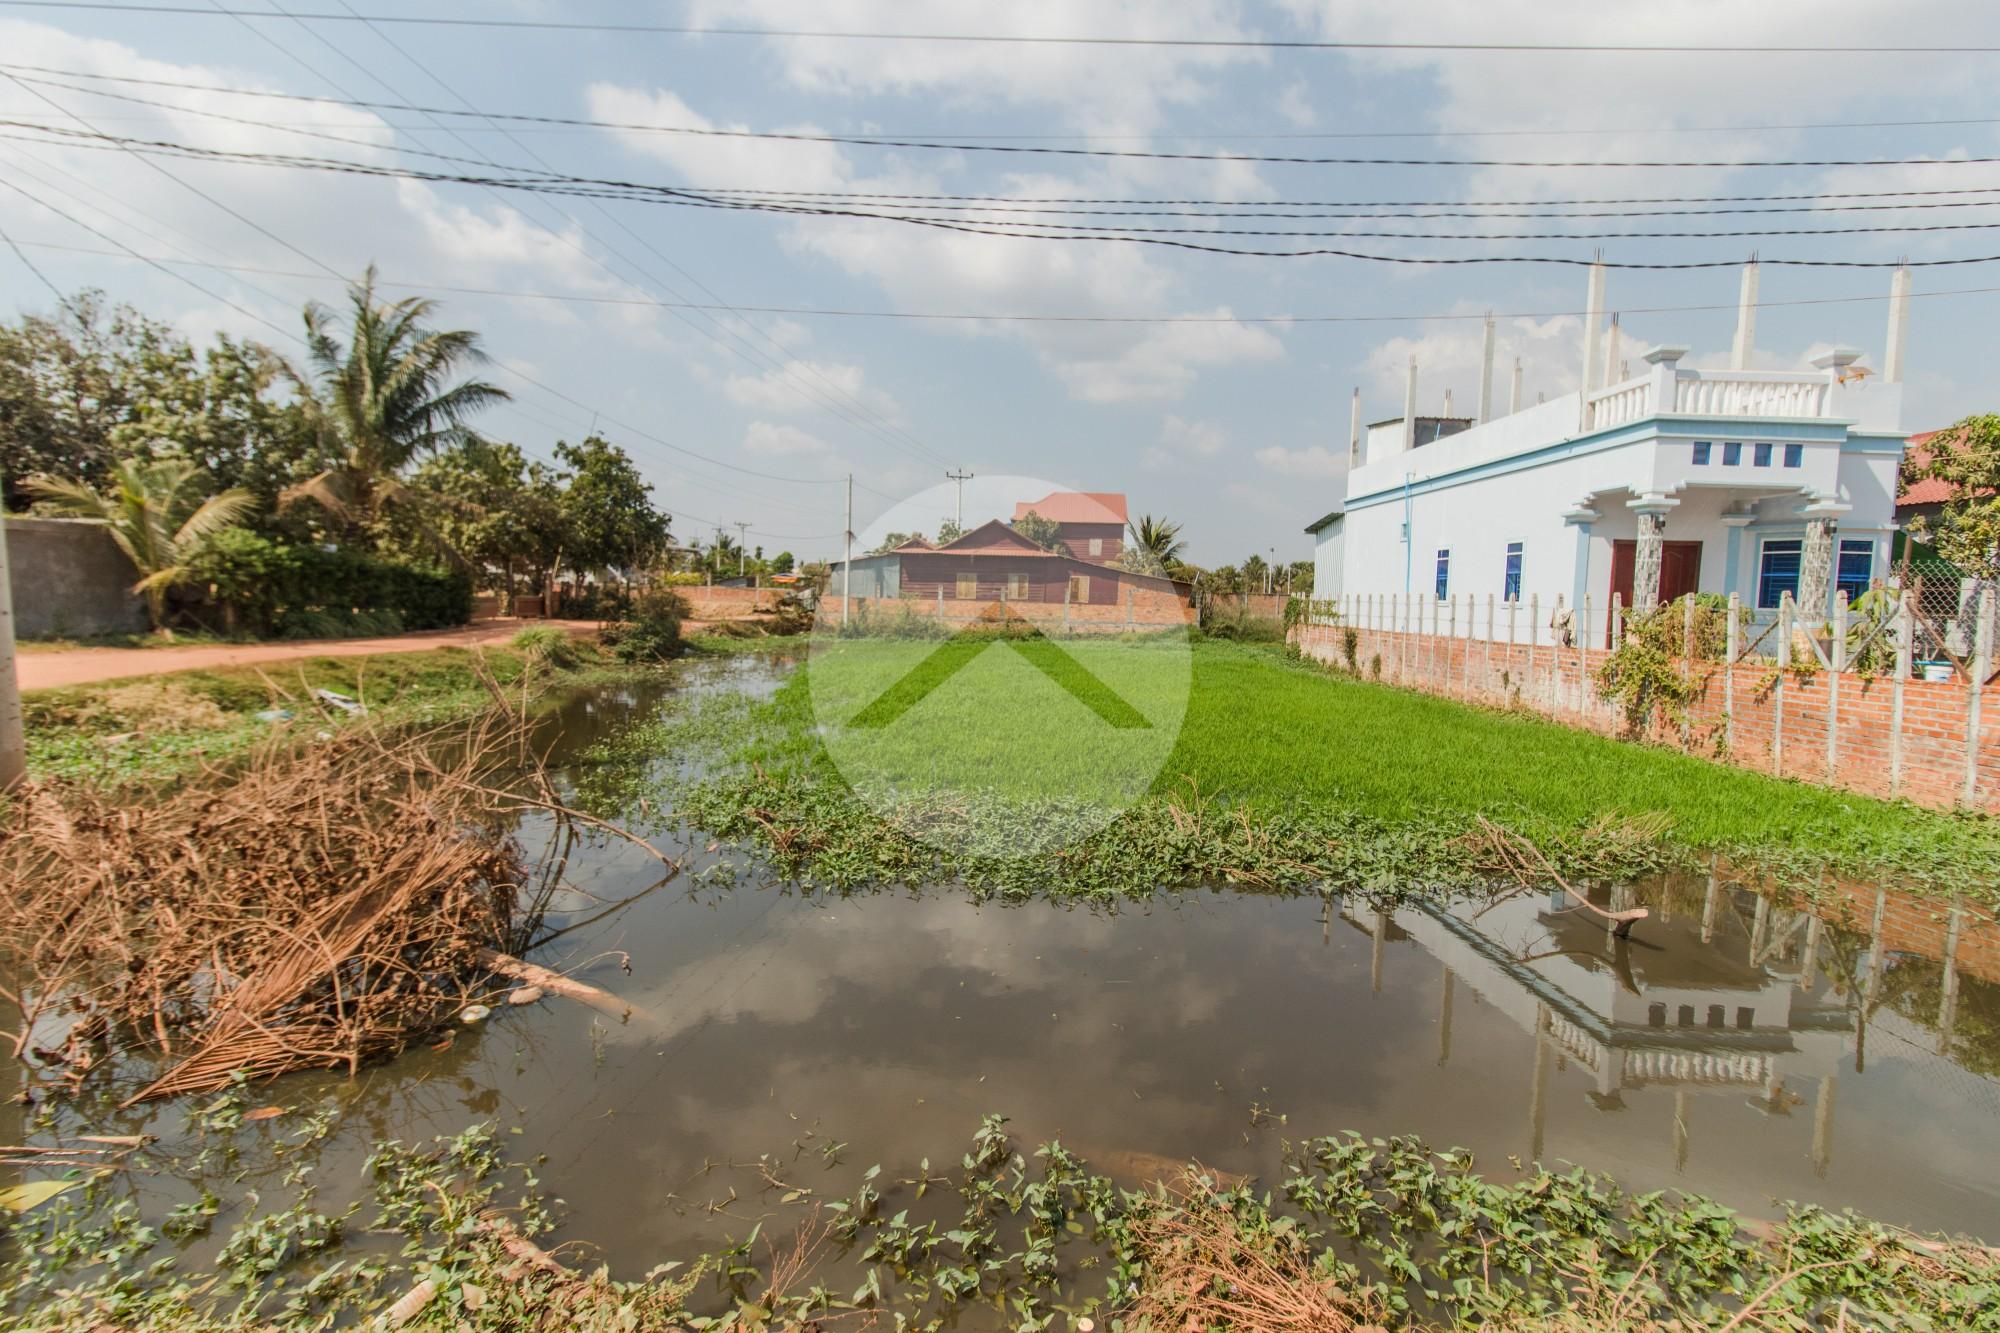 603 Sqm Residential Land For Sale - Chreav, Siem Reap